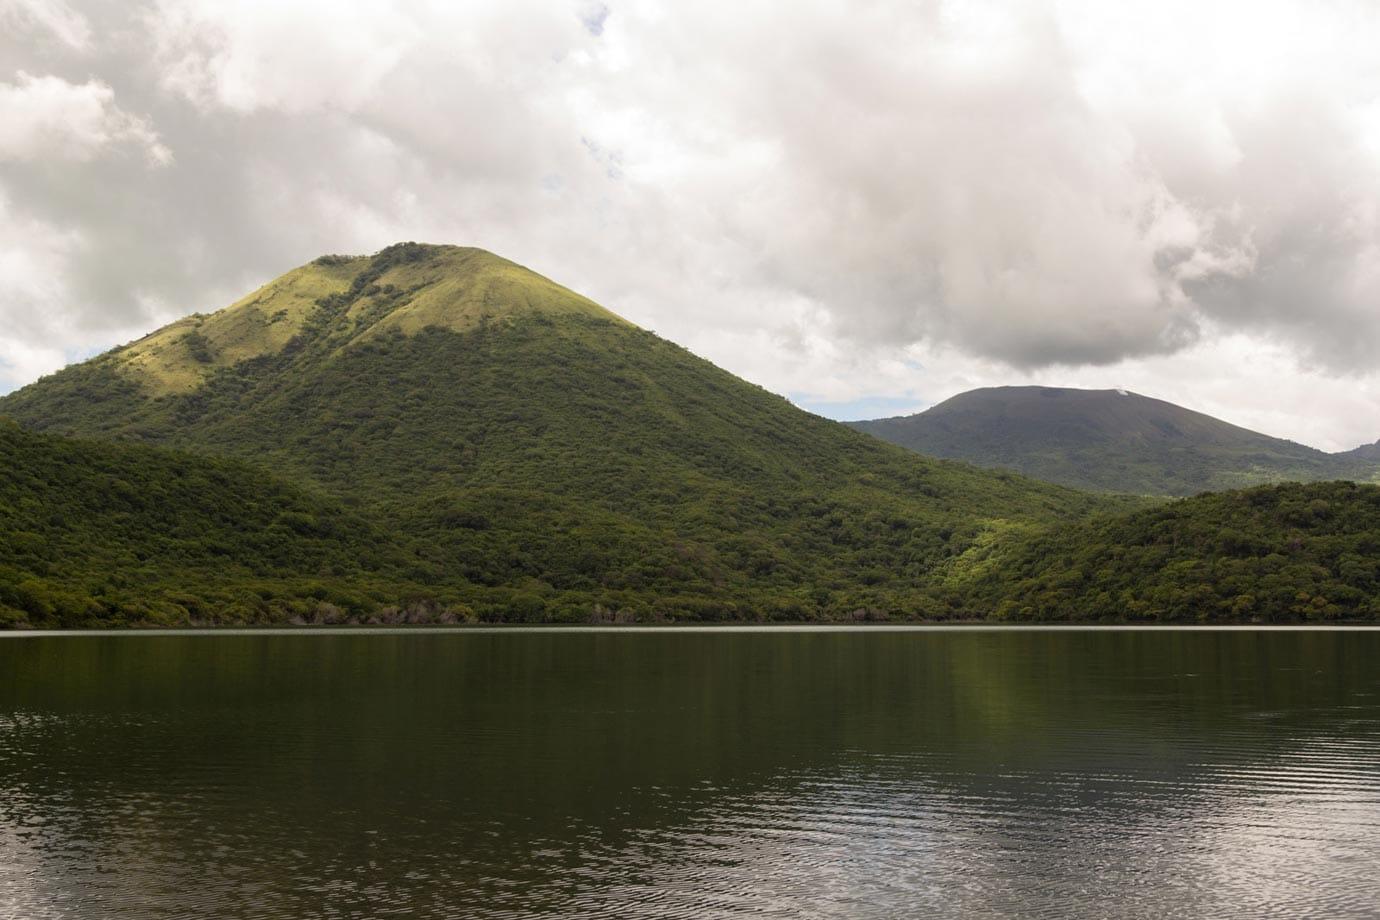 Swimming in Laugna Asosoca, Nicaragua